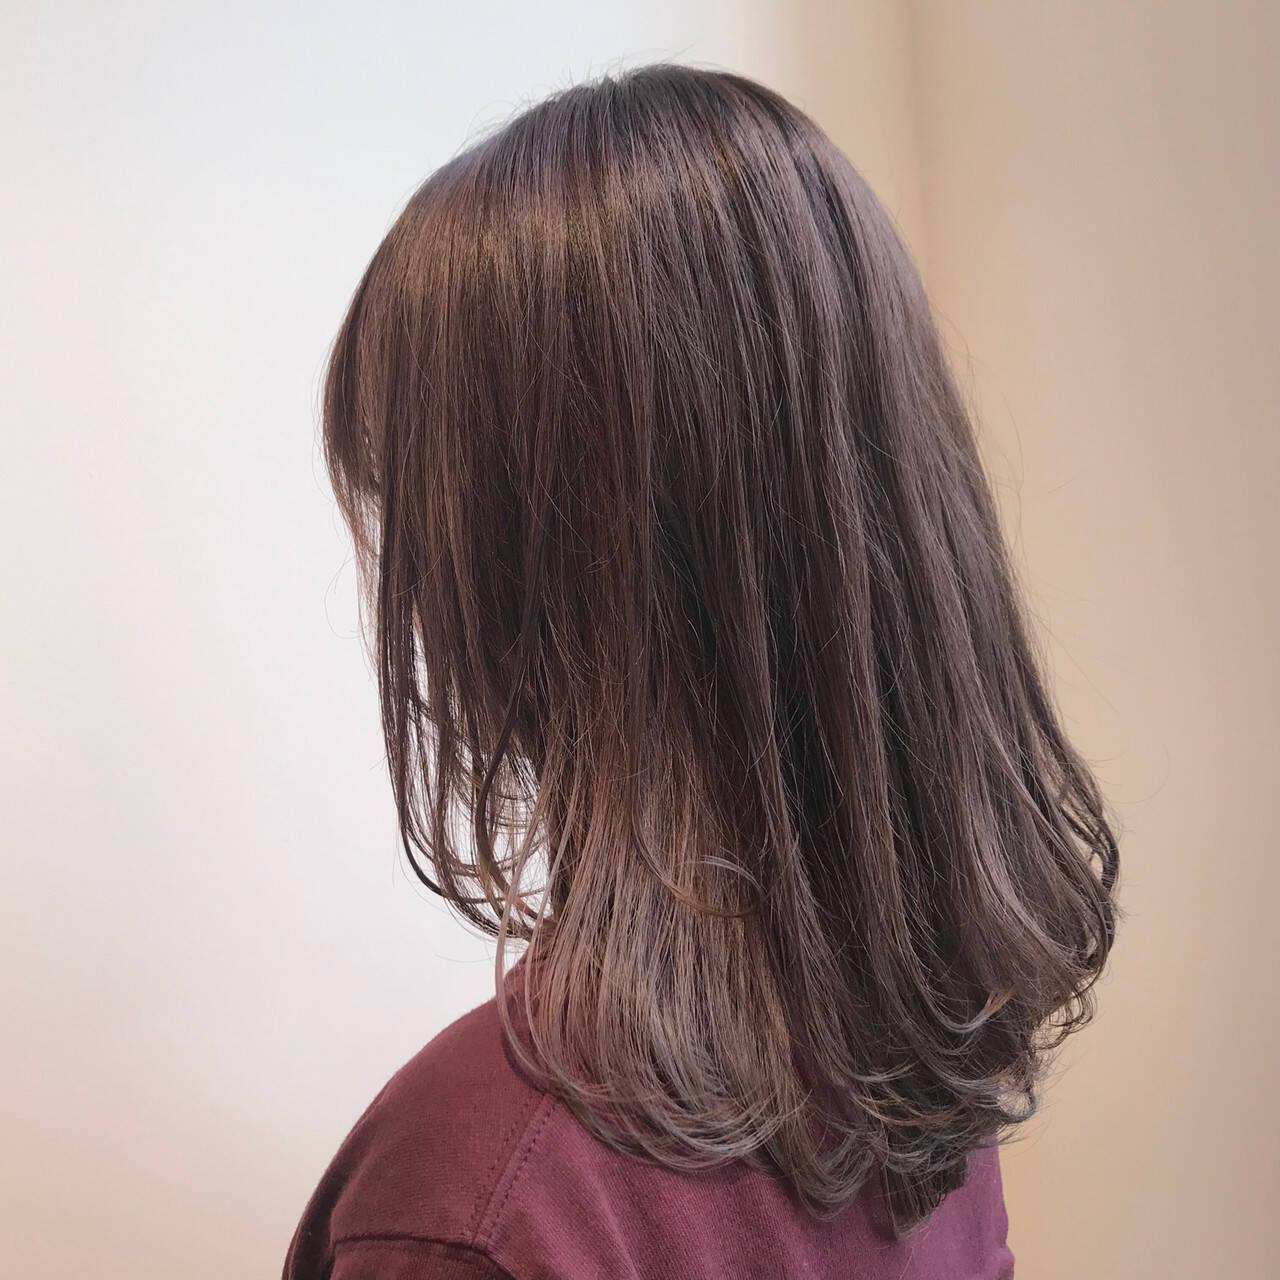 セミロング デート 透明感カラー ラベージュヘアスタイルや髪型の写真・画像